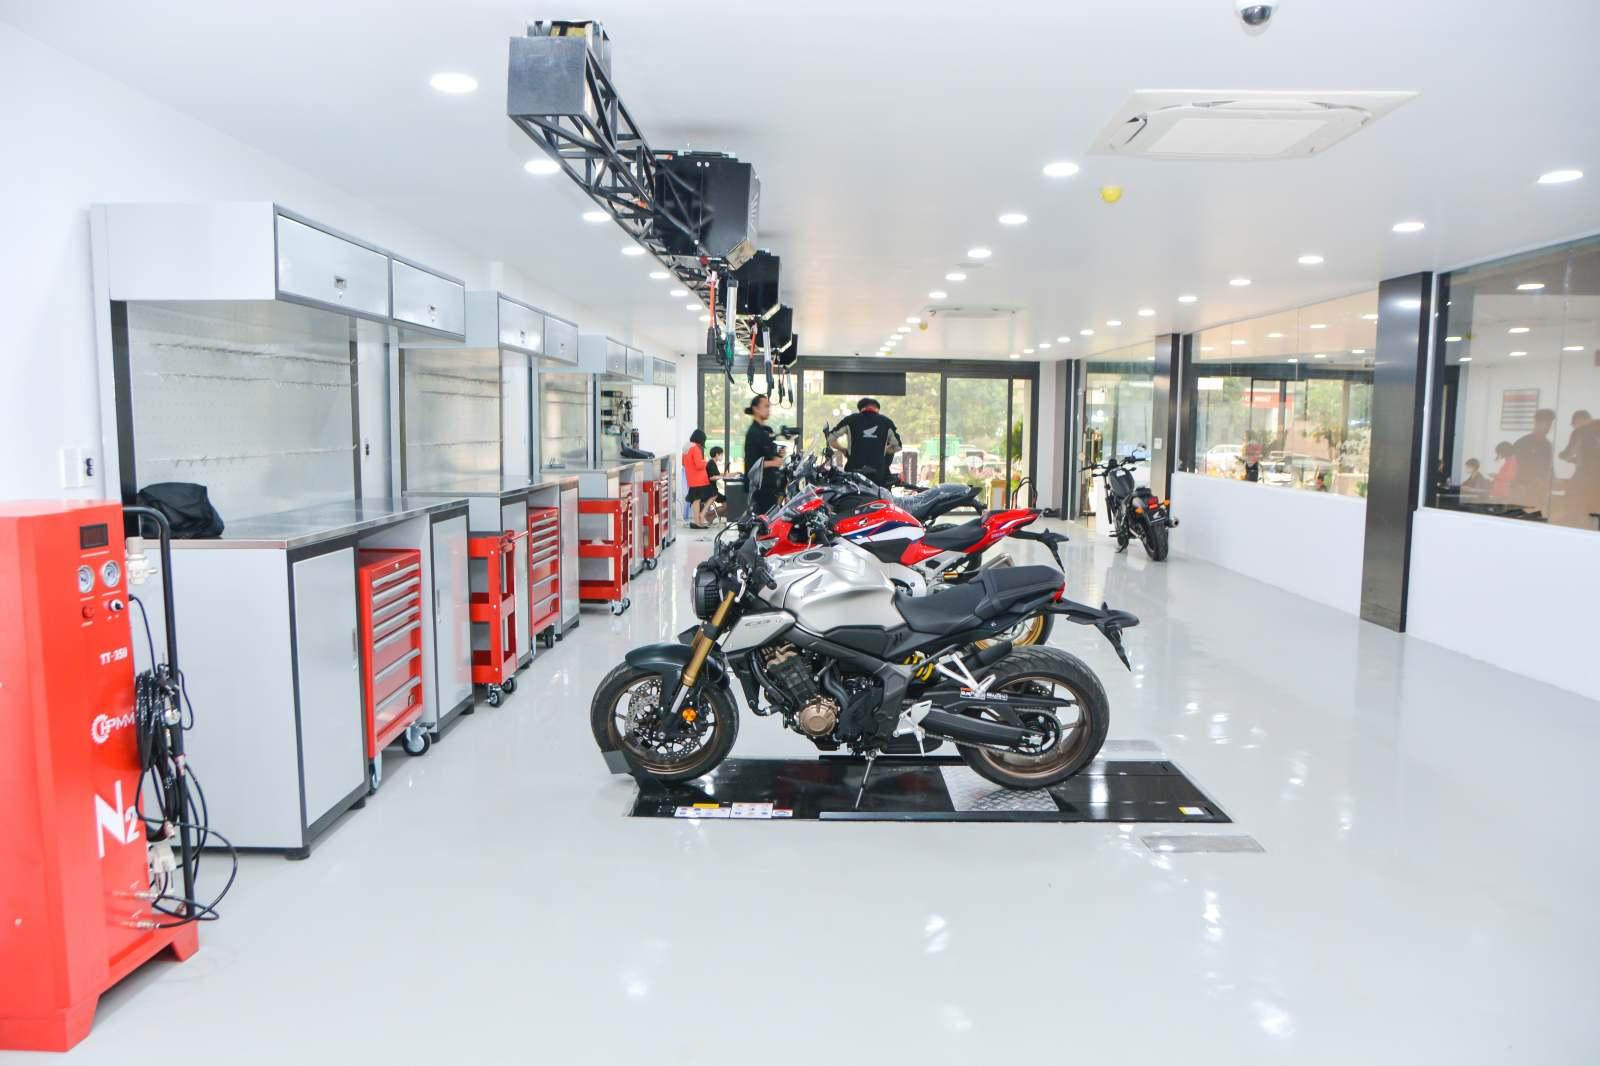 Honda khai trương cửa hàng xe phân khối lớn đầu tiên tại Hà Nội - 11